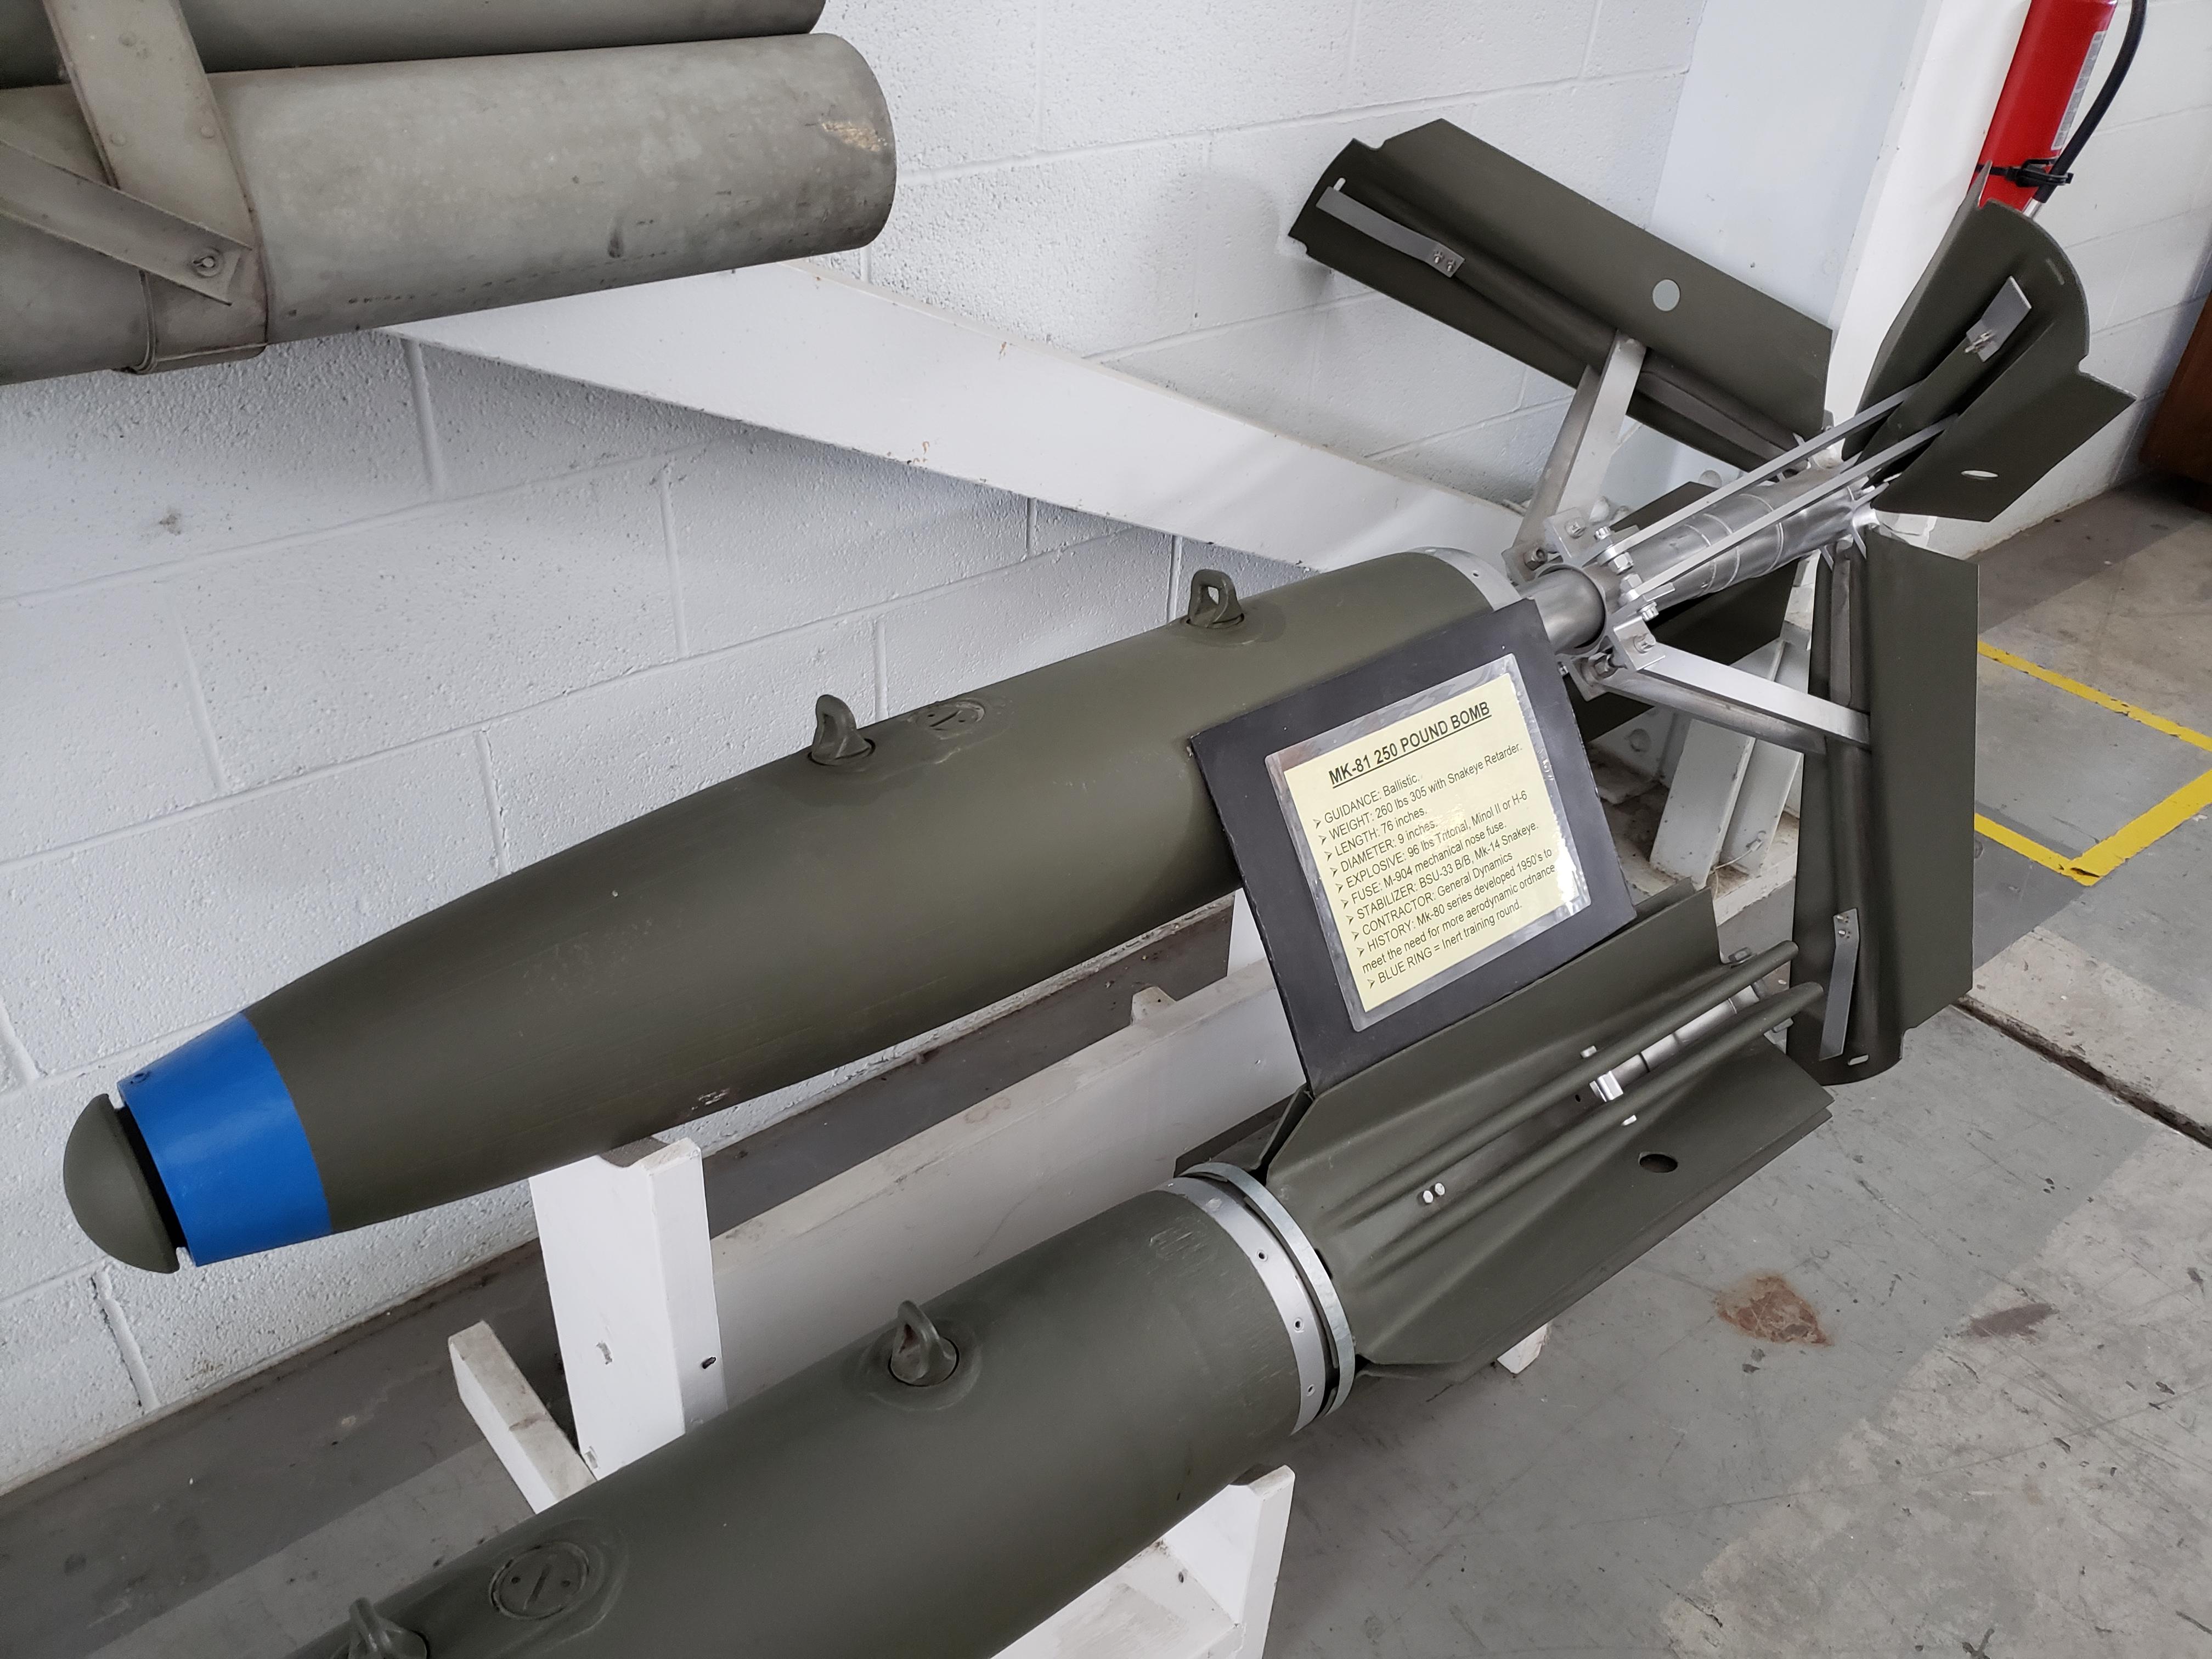 U.S. MK-81 250 lb. Bomb